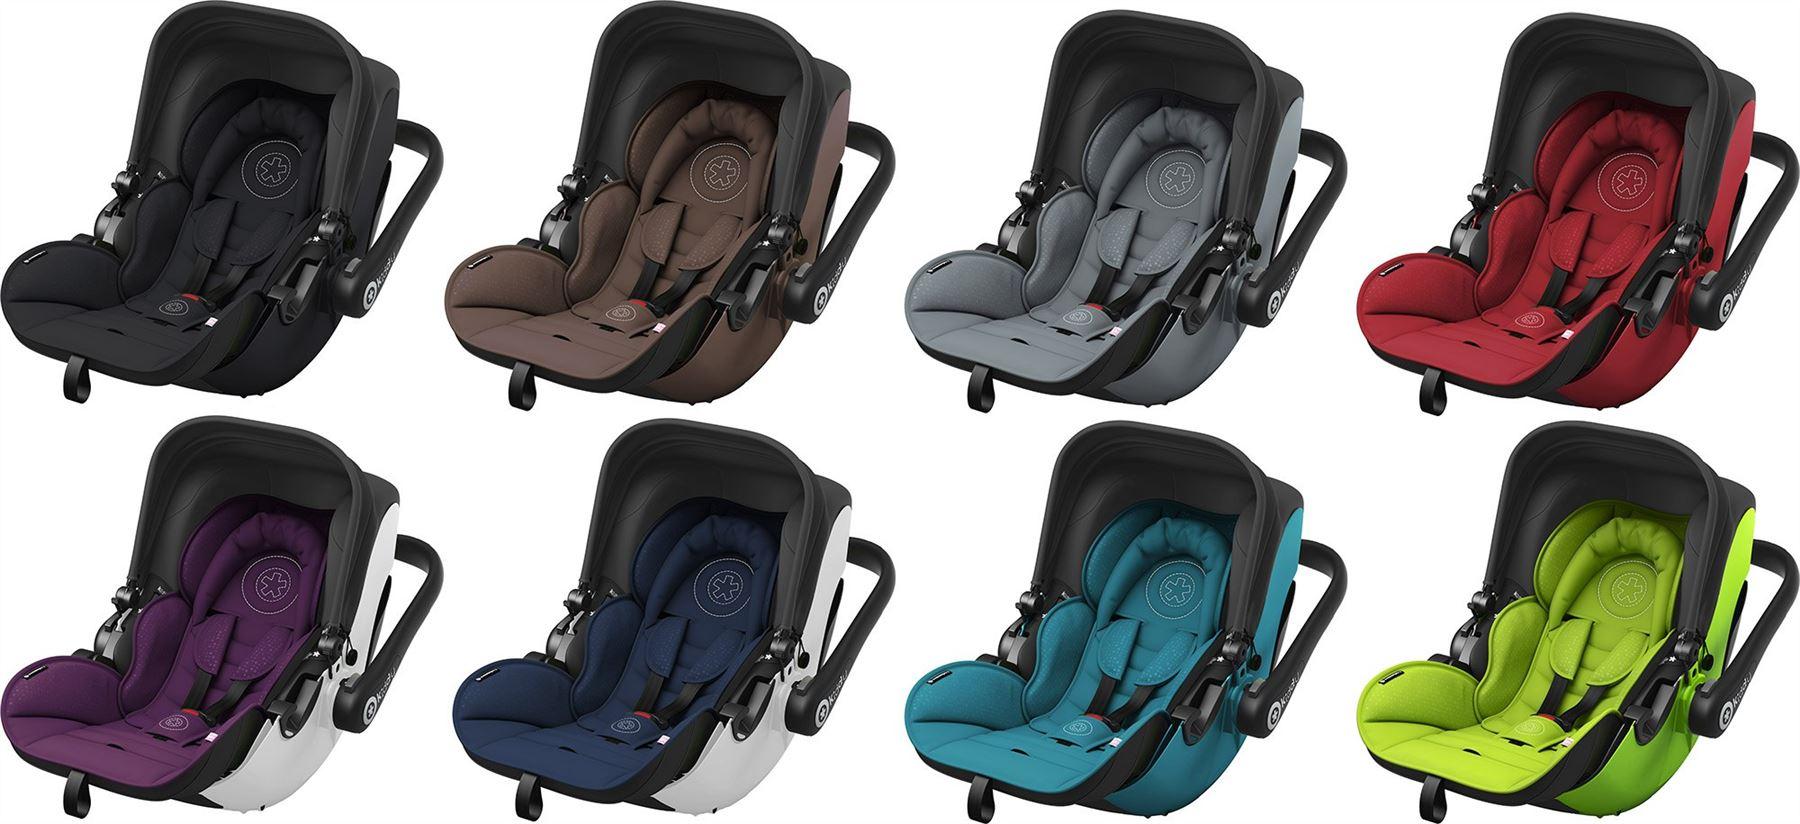 kiddy evolution pro 2 group 0 car seat bn ebay. Black Bedroom Furniture Sets. Home Design Ideas